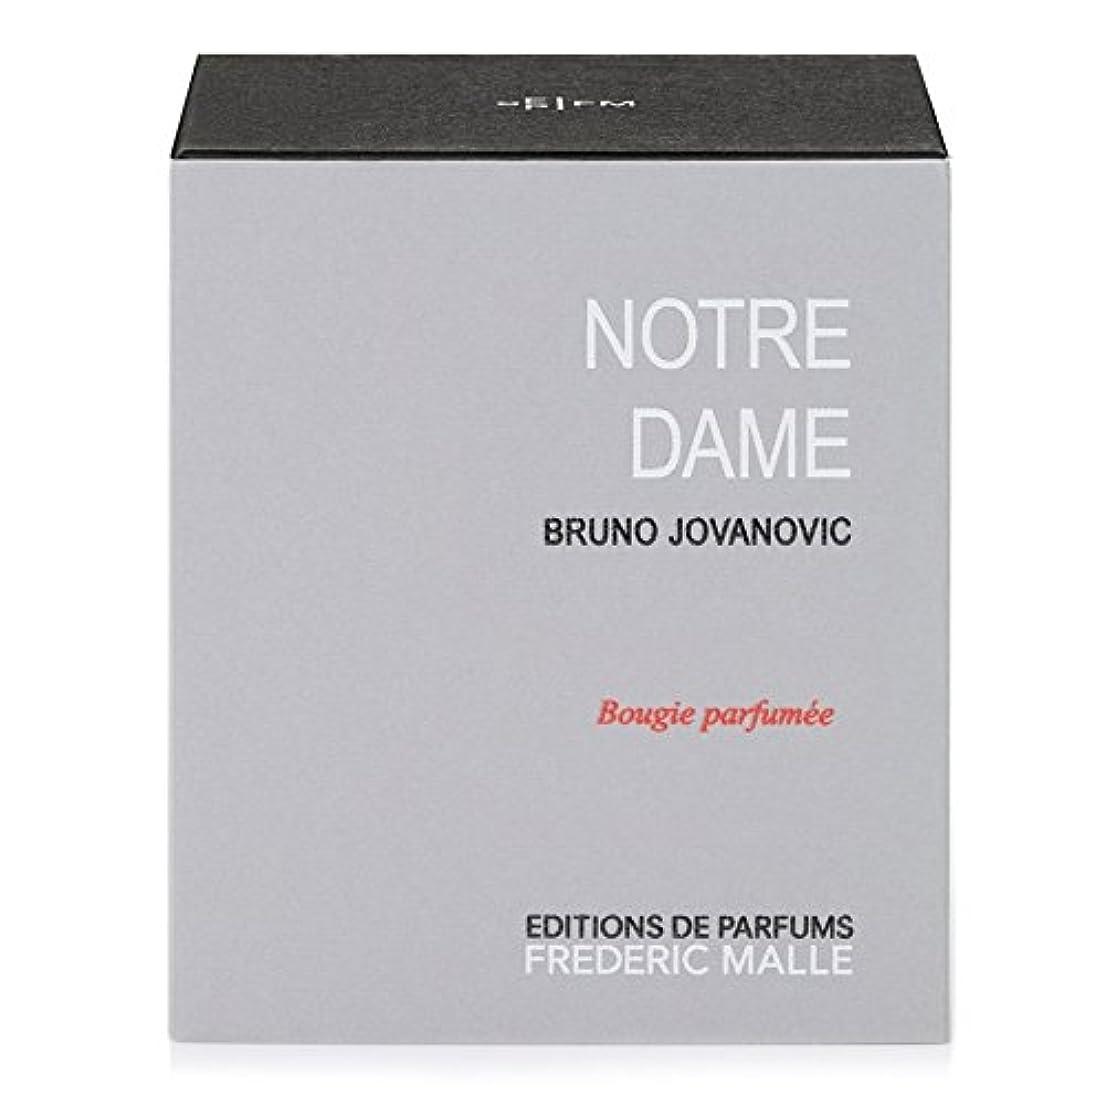 励起添加剤マイルドフレデリック?マルノートルダム香りのキャンドル220グラム x6 - Frederic Malle Notre Dame Scented Candle 220g (Pack of 6) [並行輸入品]